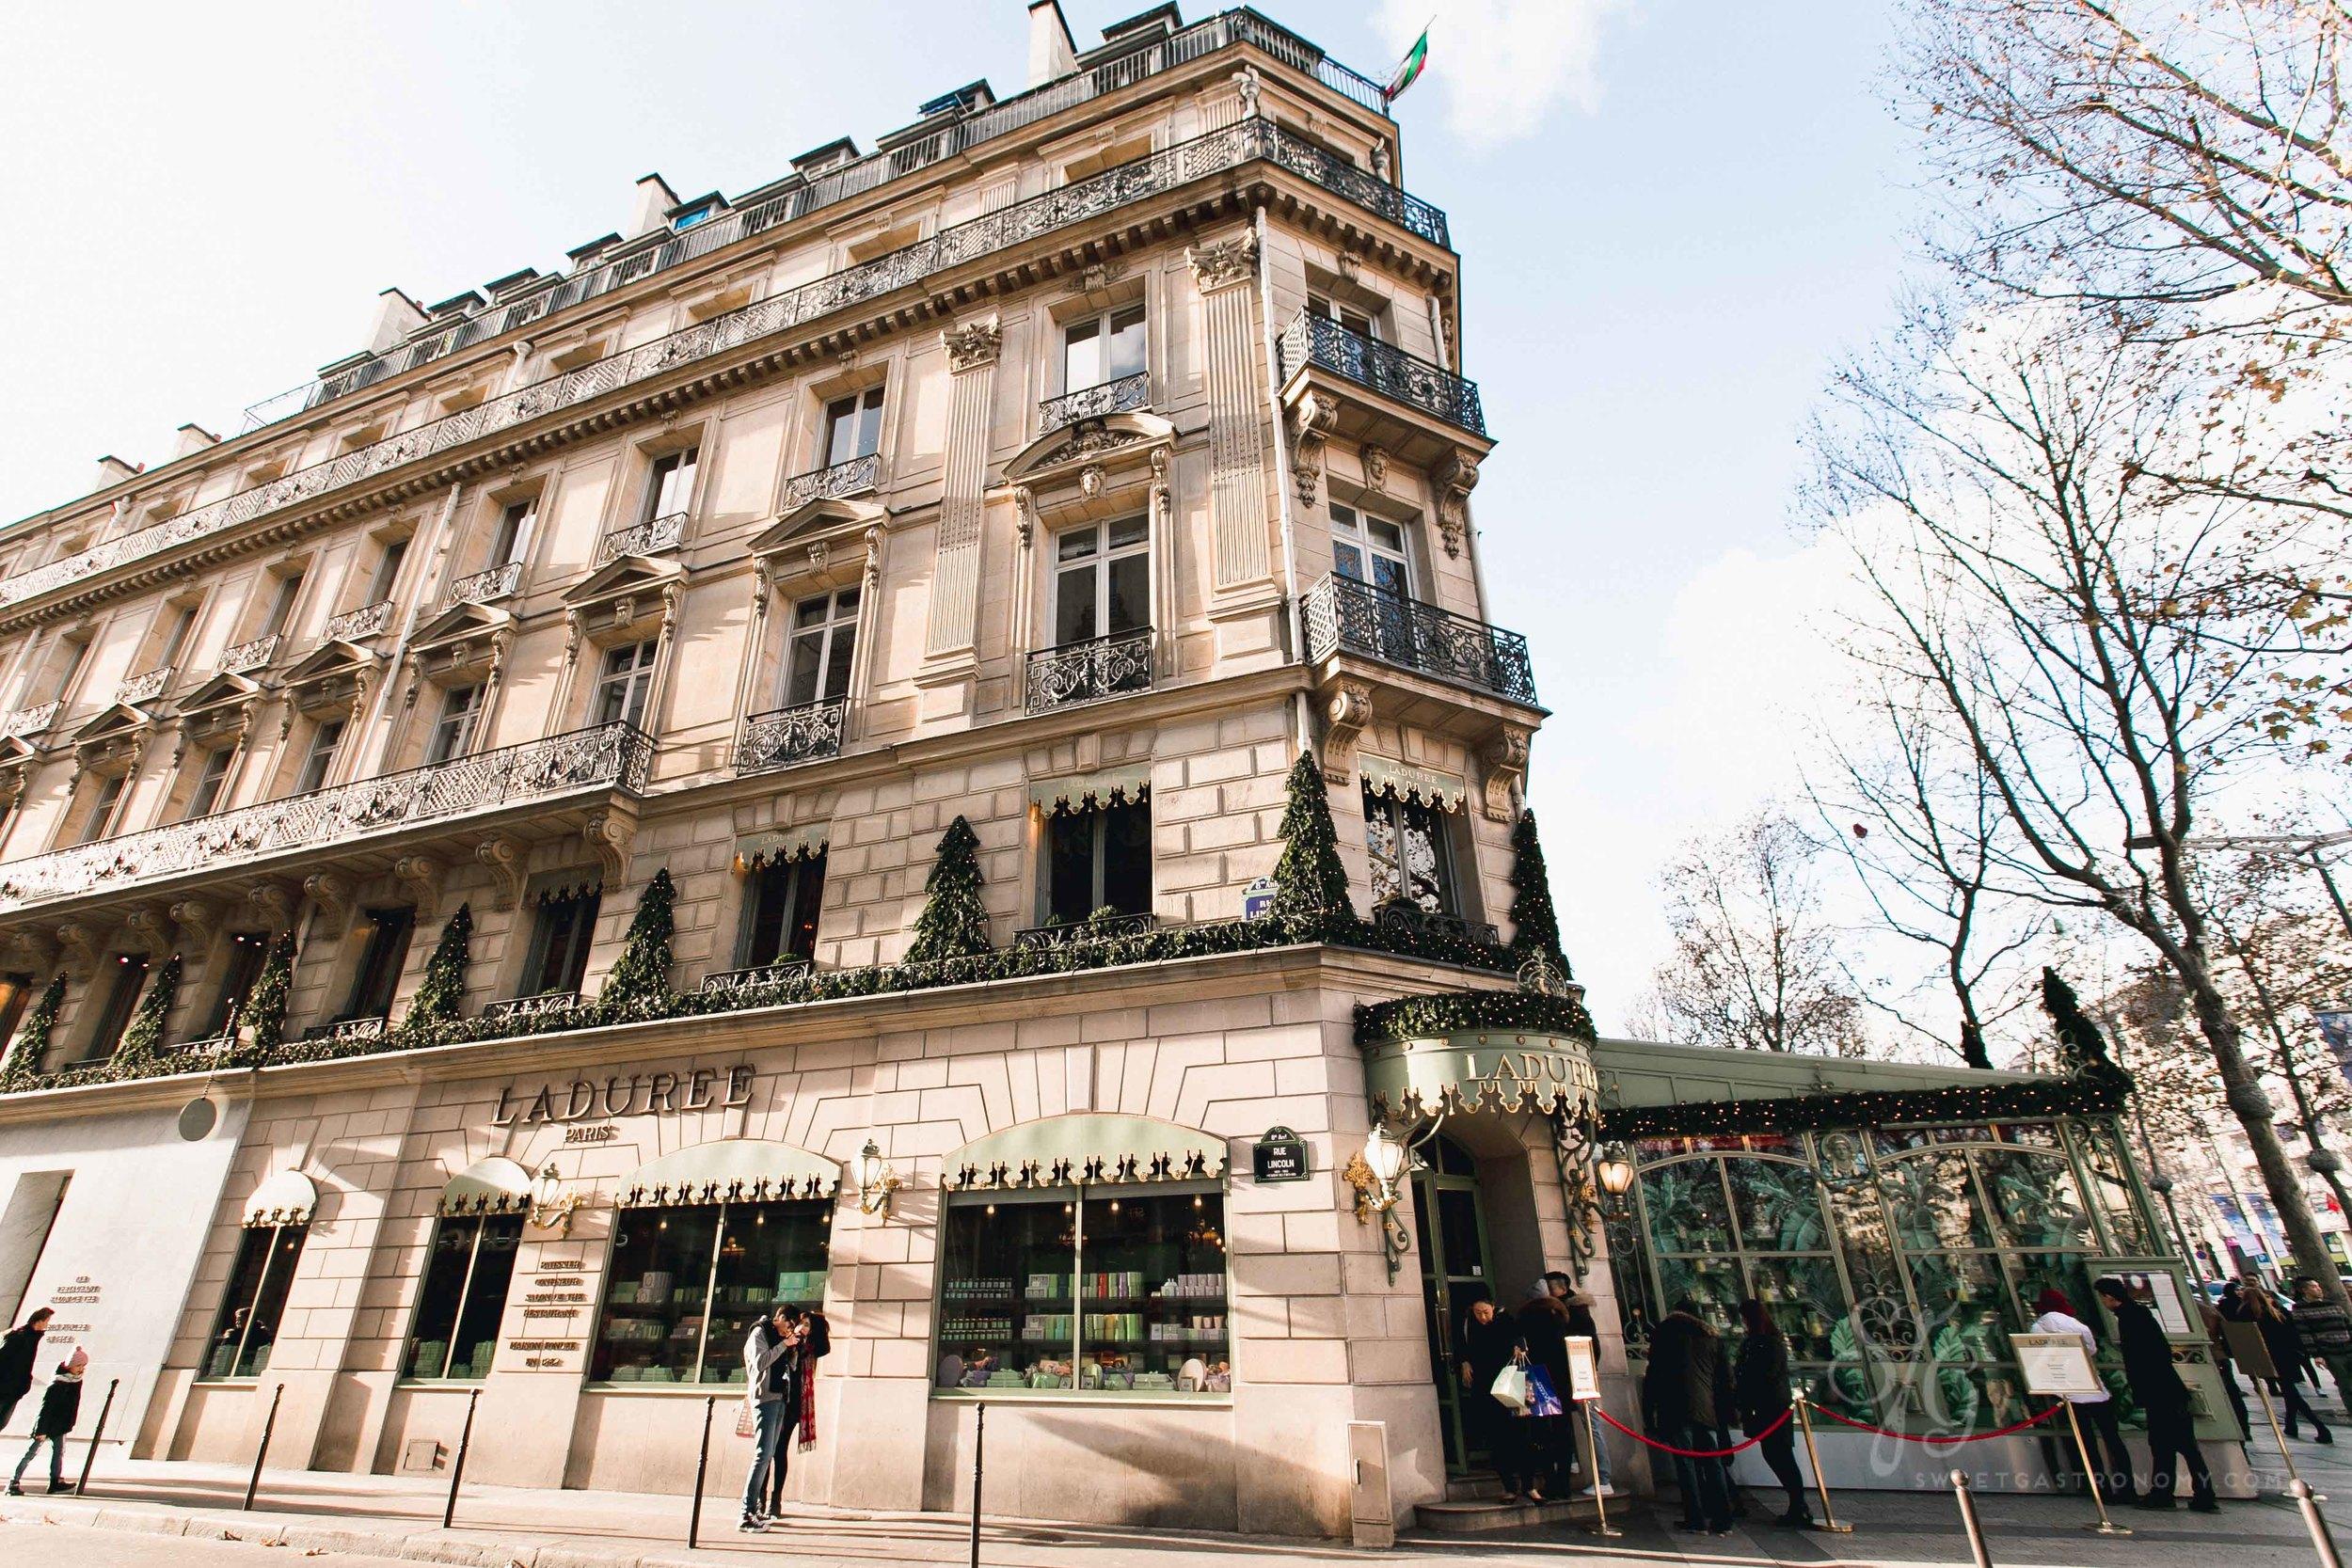 Ladurée on the Champs-Élysées